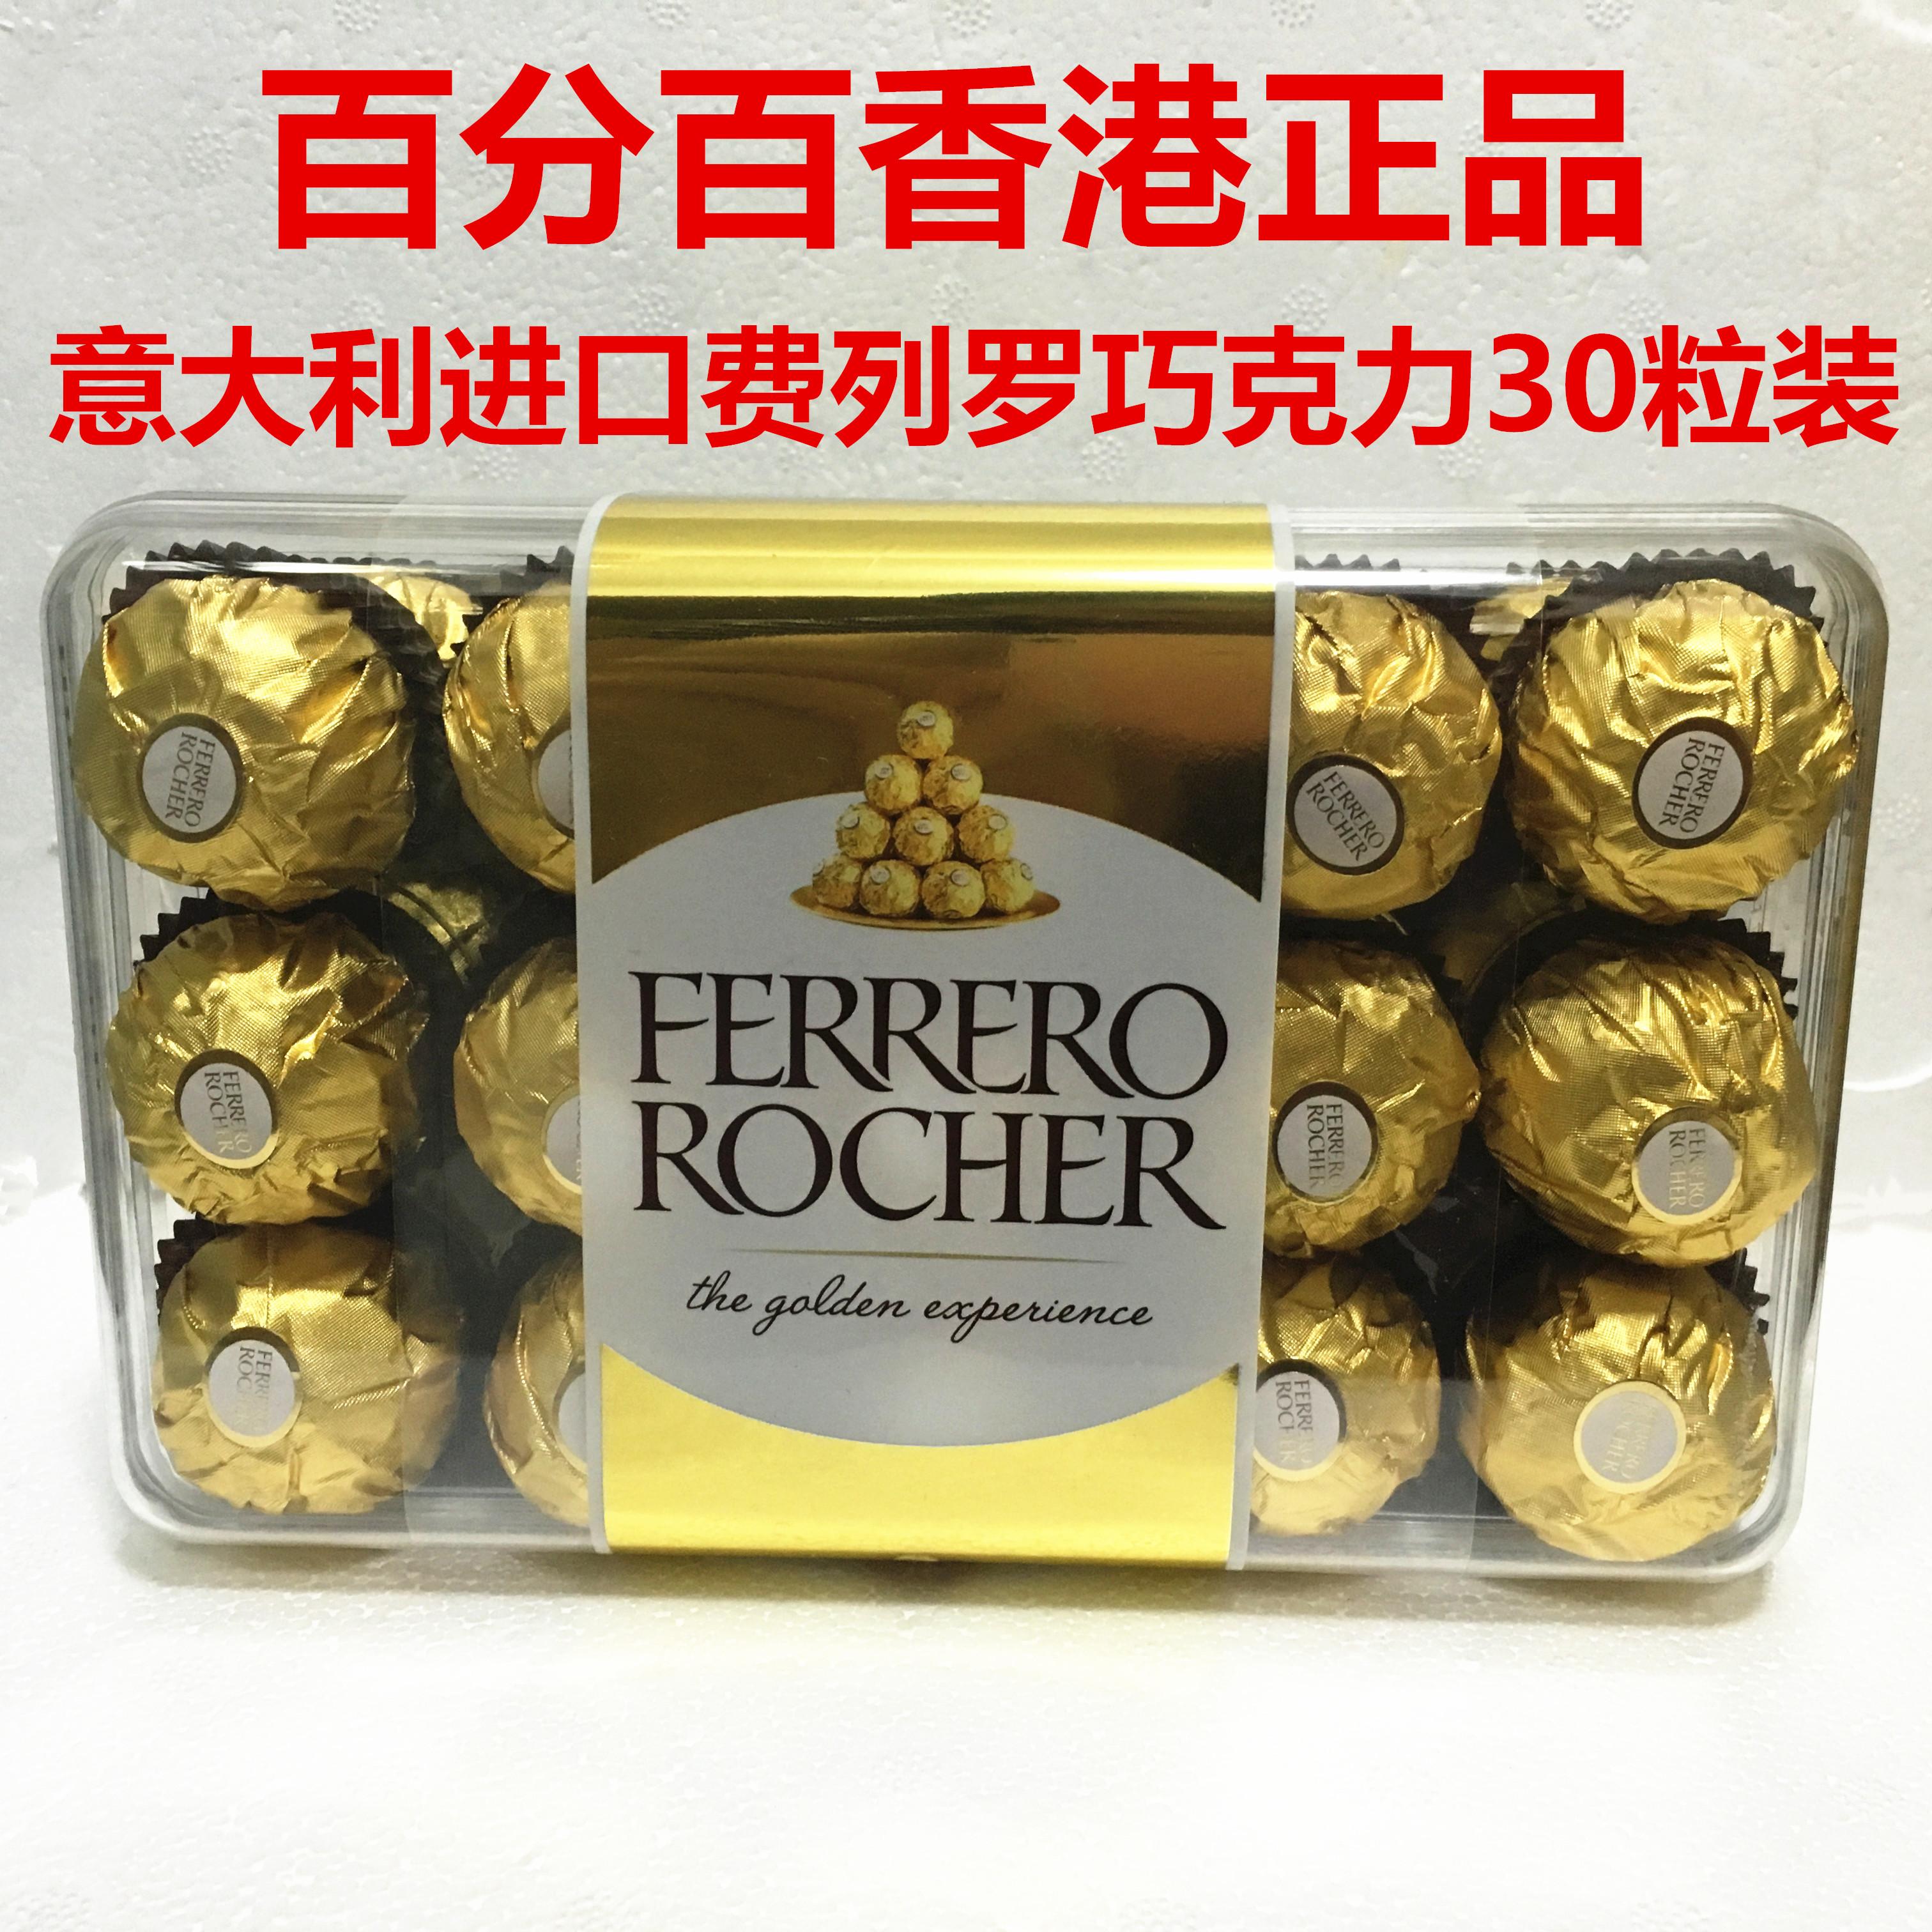 意大利进口费列罗巧克力水晶礼盒装T30粒装 散装喜糖正品